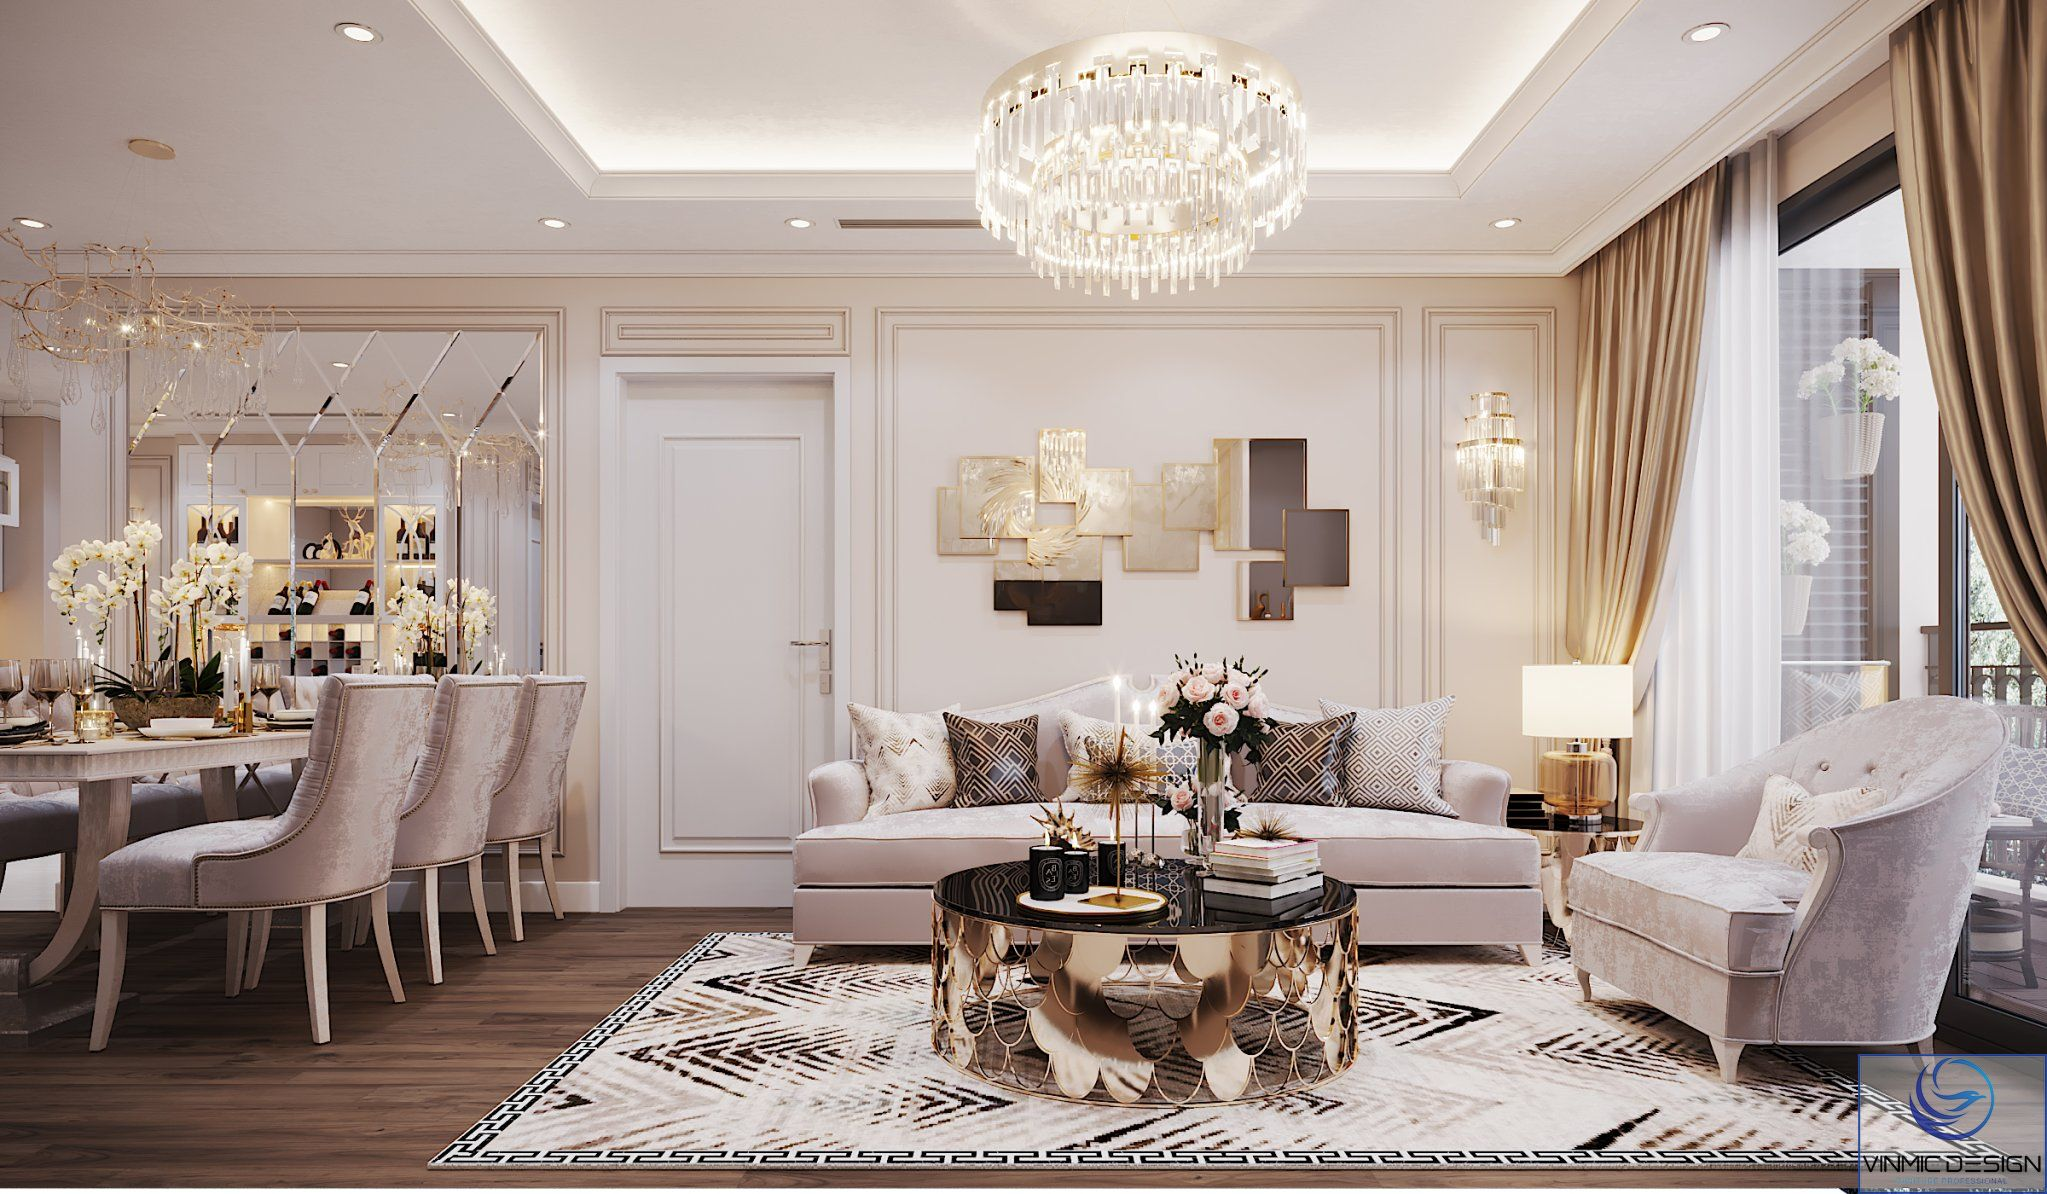 Thiết kế không gian phòng khách với tông màu vàng ấm